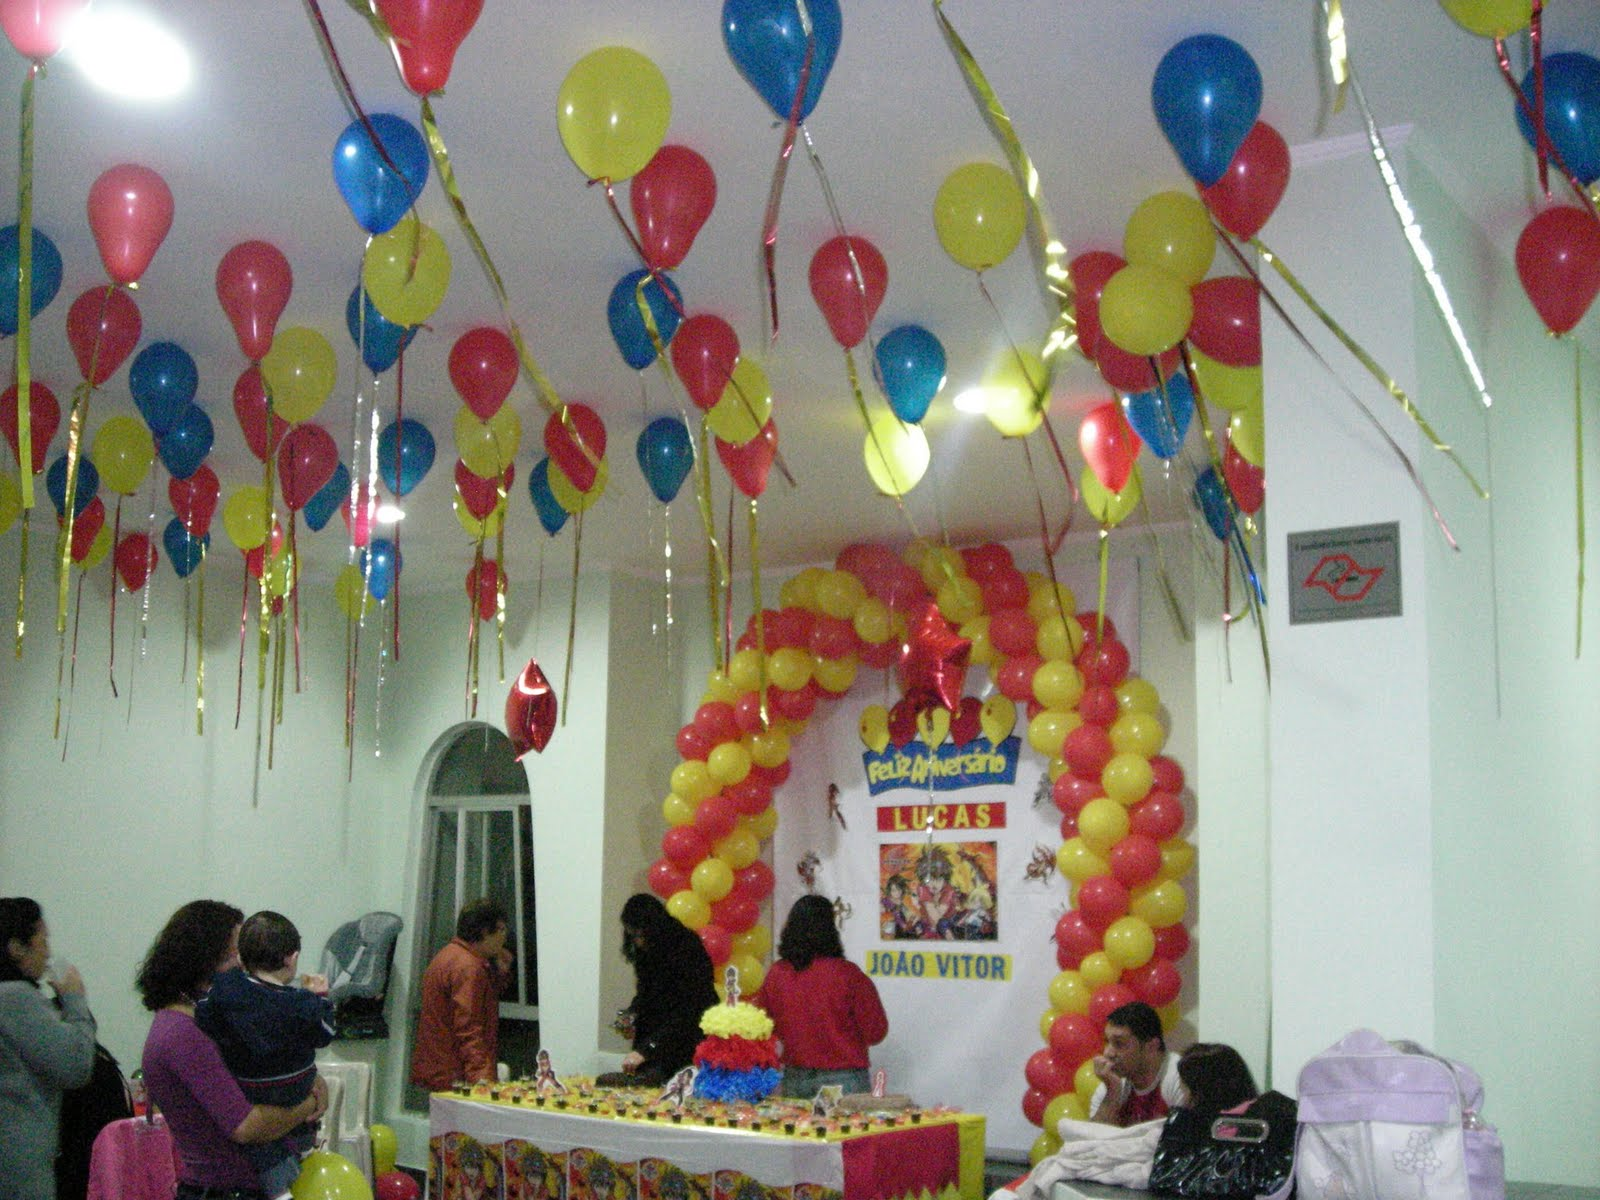 TUTI BAL u00d5ES Decoraç u00e3o com balões no teto um toque especial a festa  -> Decoração De Festa Com Balões No Teto